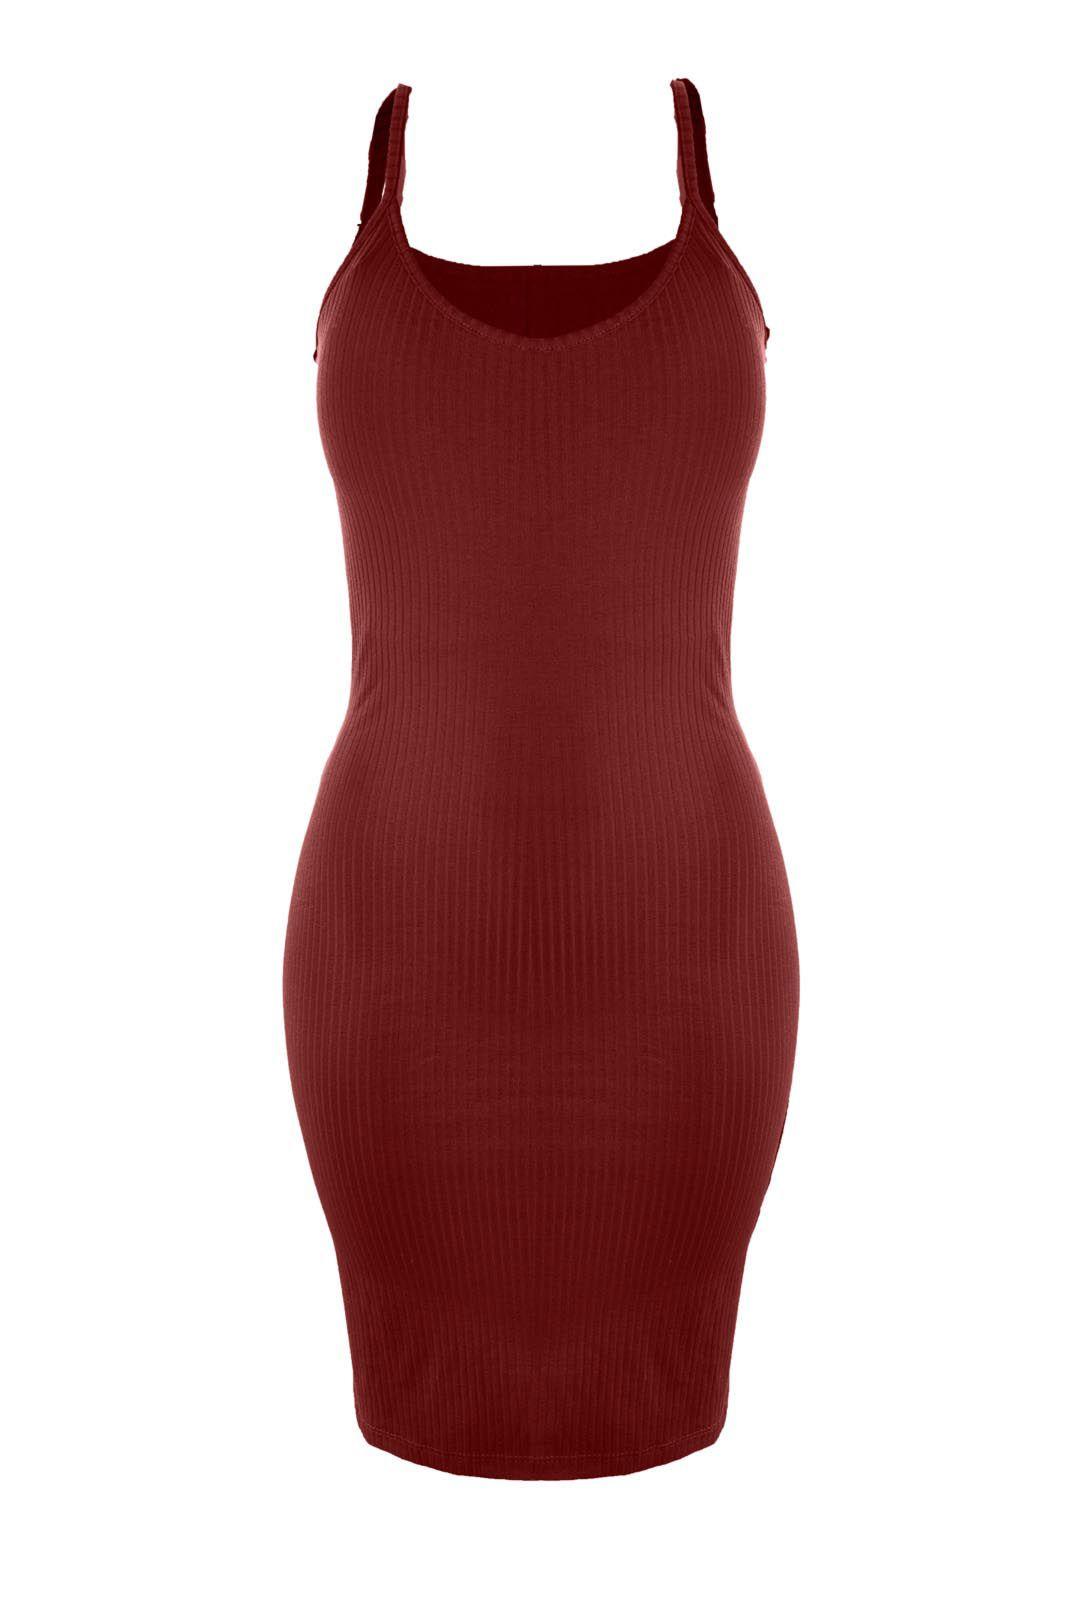 Vestido Outlet Dri Alcinha Malha Canelada Midi Casual Básico Vermelho